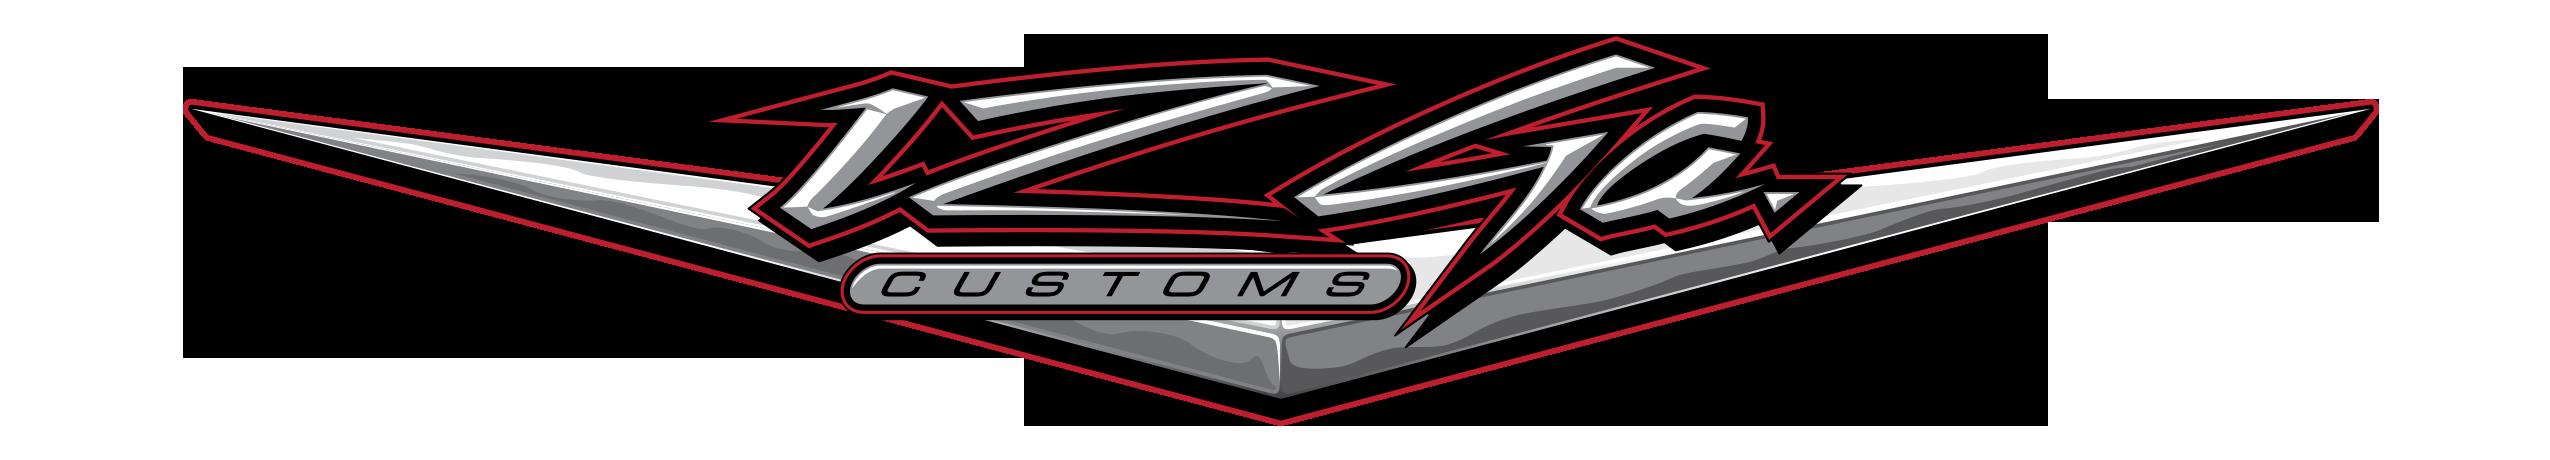 12 Gauge Custom Logo